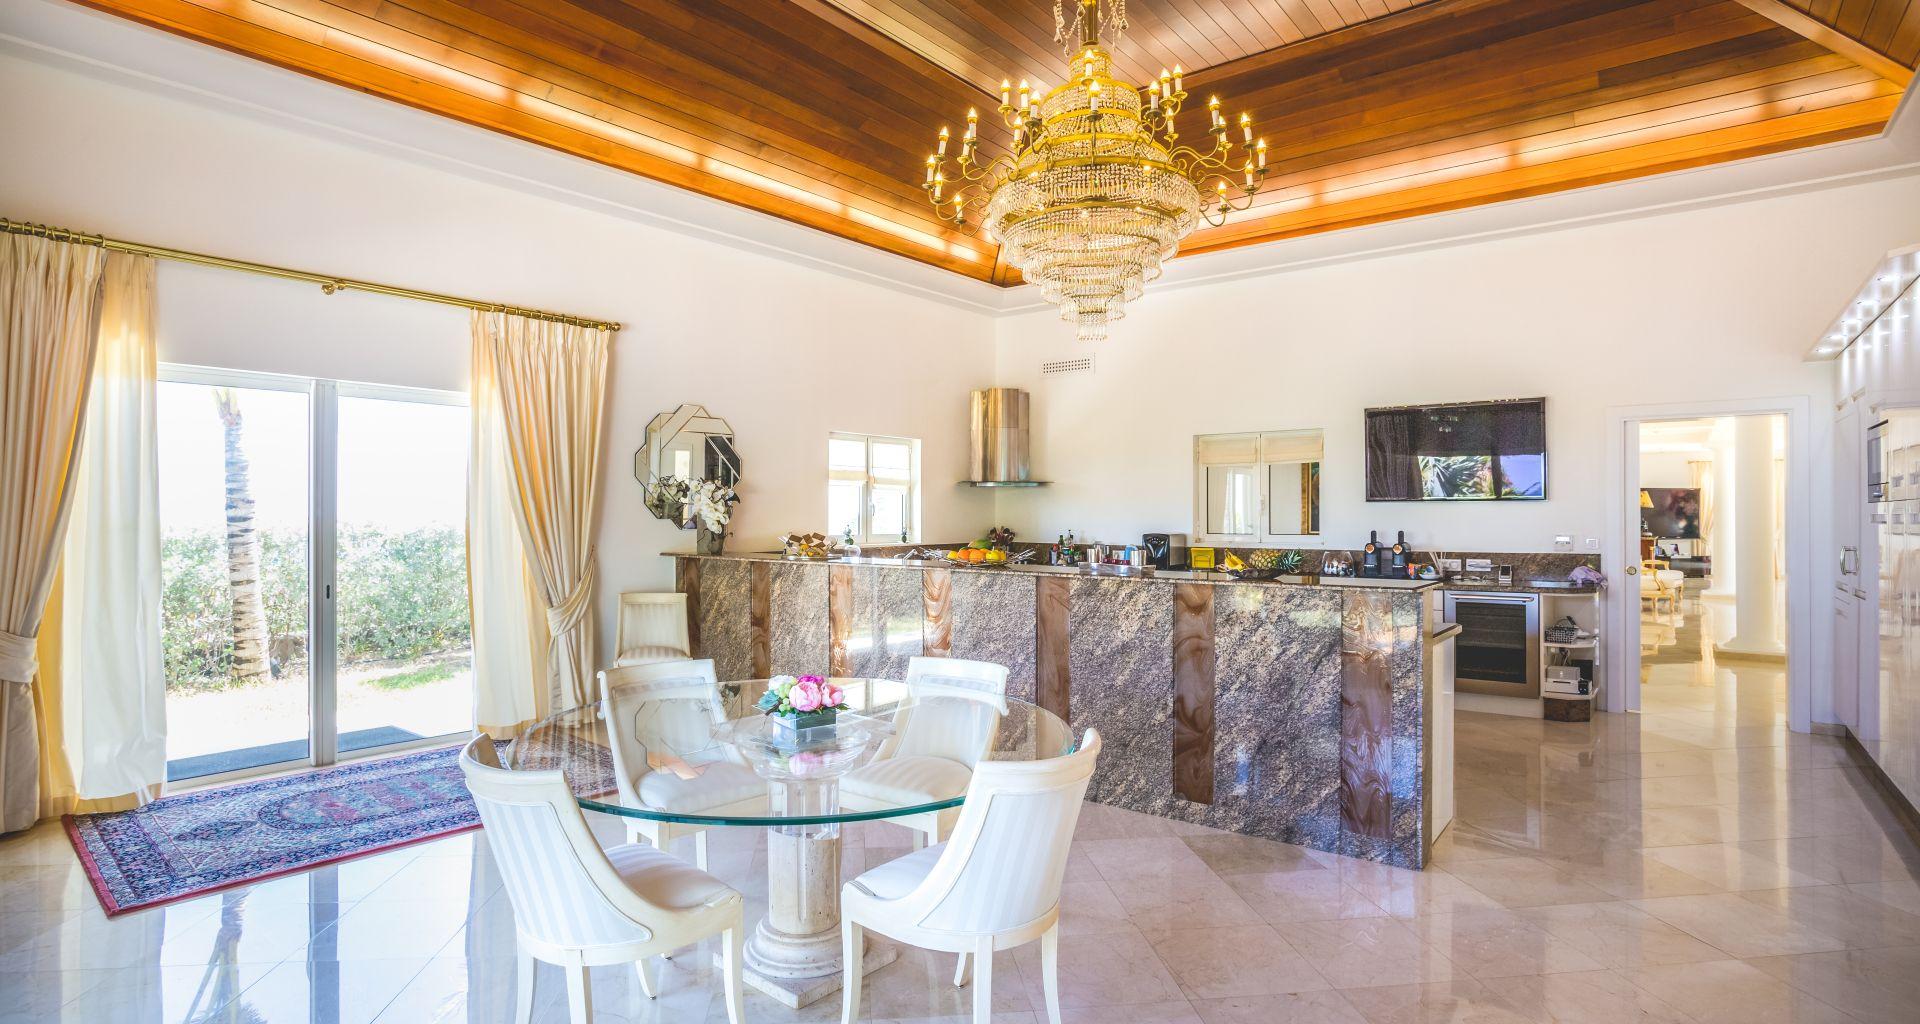 Villa Good News, St-Barth Villa for Rent, Caribbean